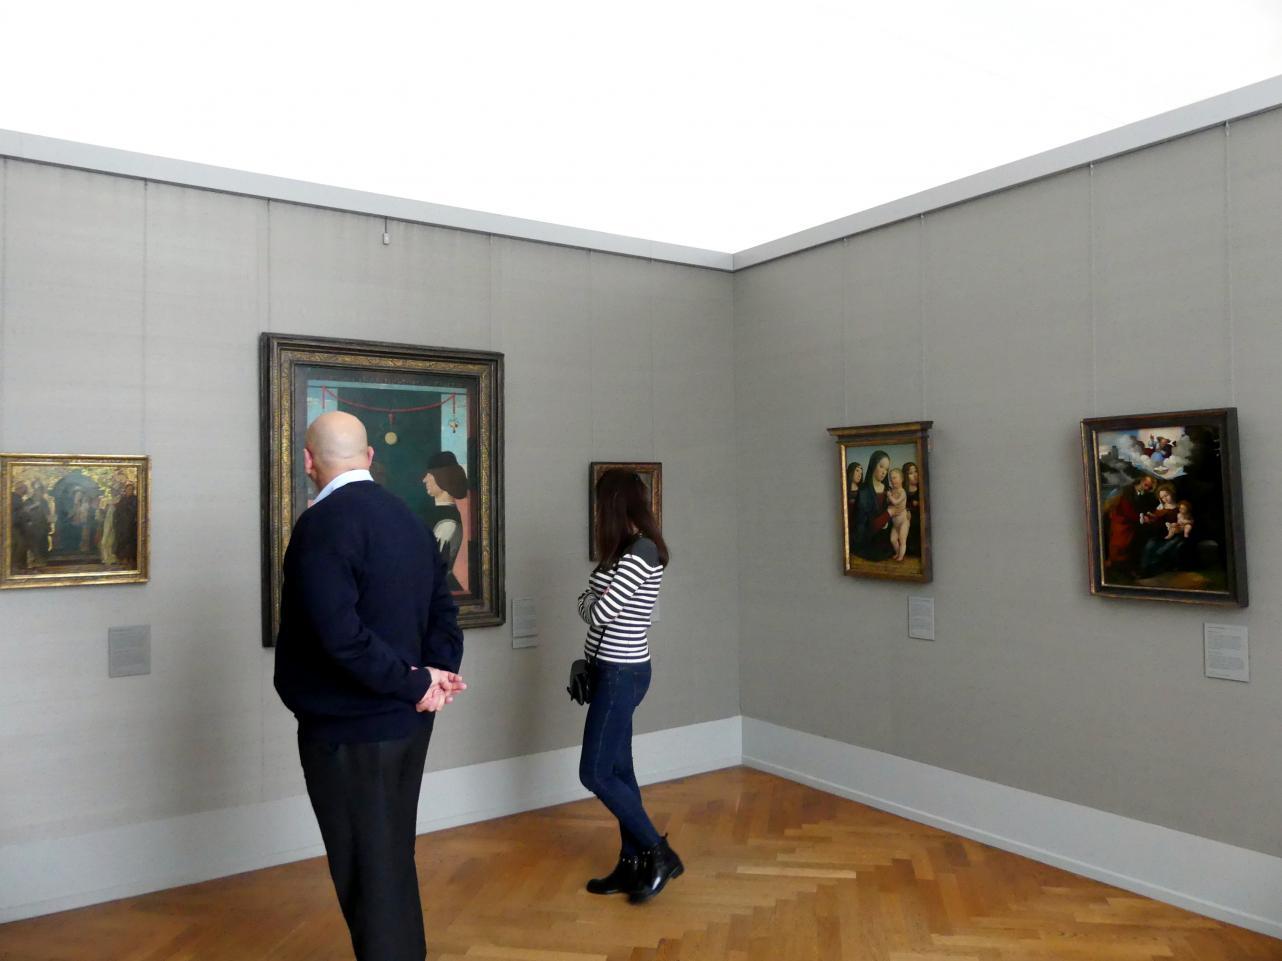 München, Alte Pinakothek, Obergeschoss Kabinett 4-7, Bild 1/4